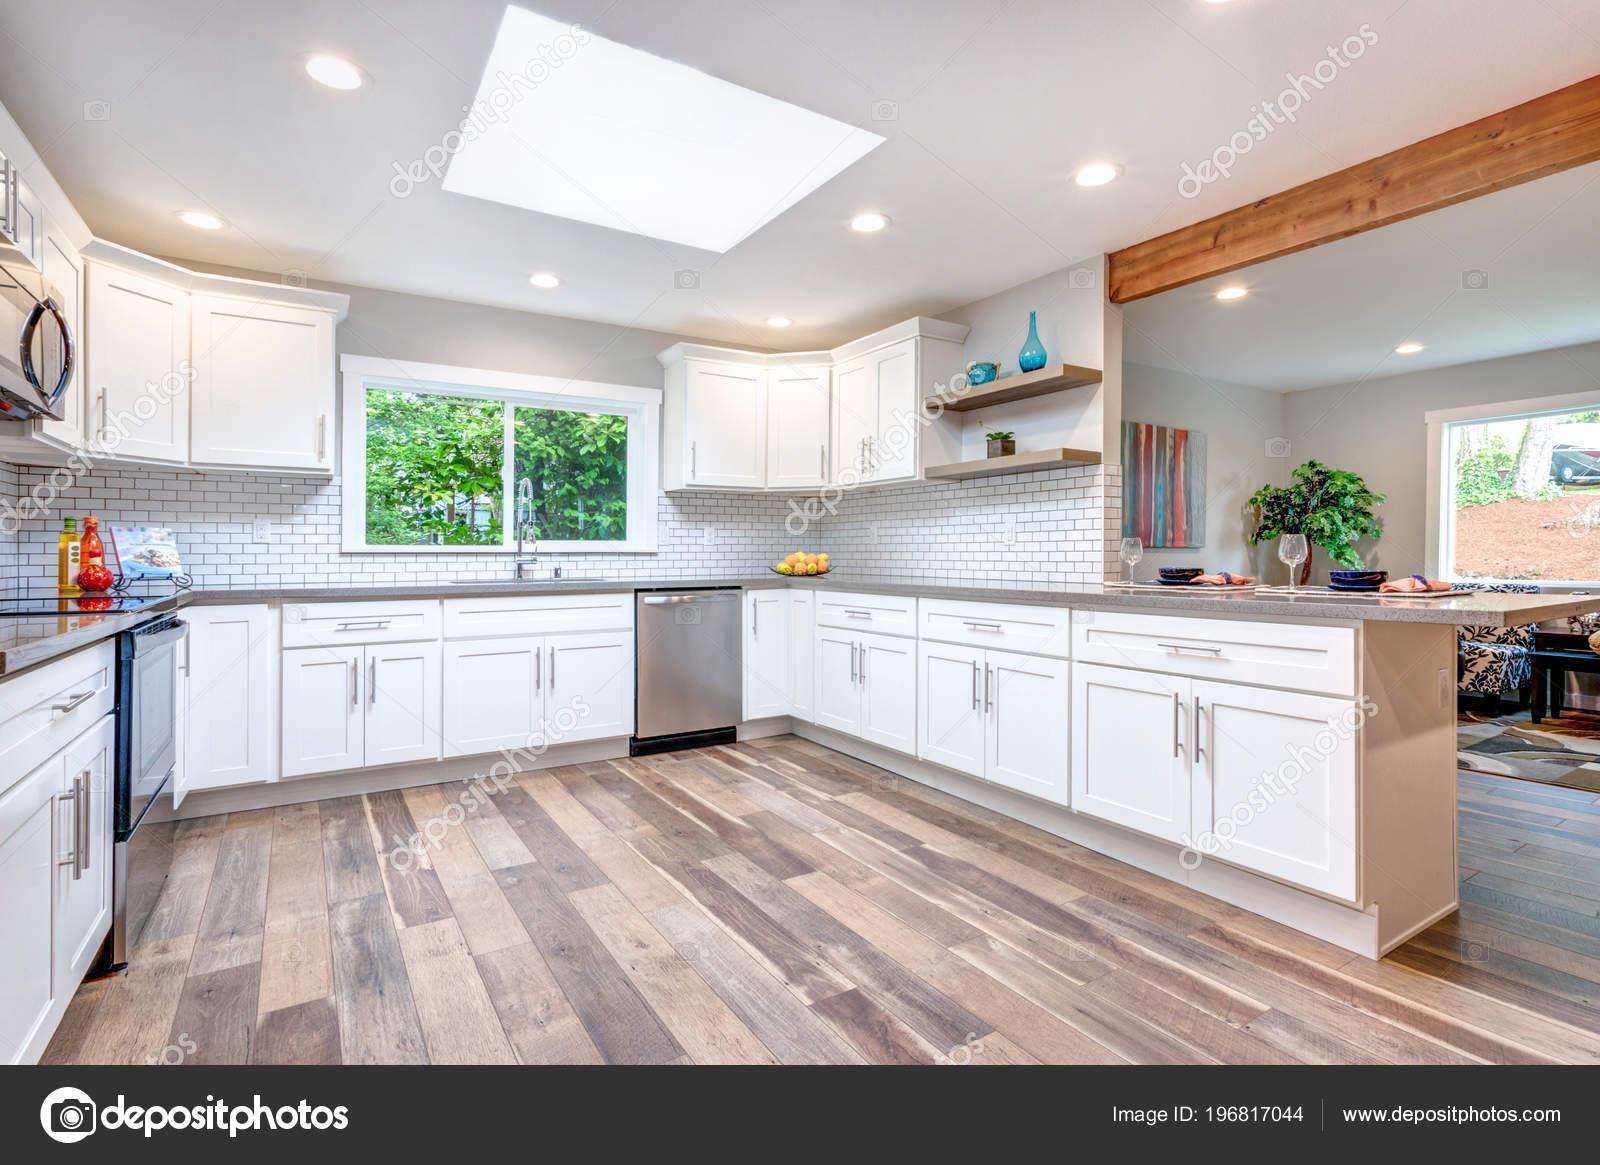 Keuken Met Dakraam : Open concept keuken met dakraam witte kasten hardhouten vloer